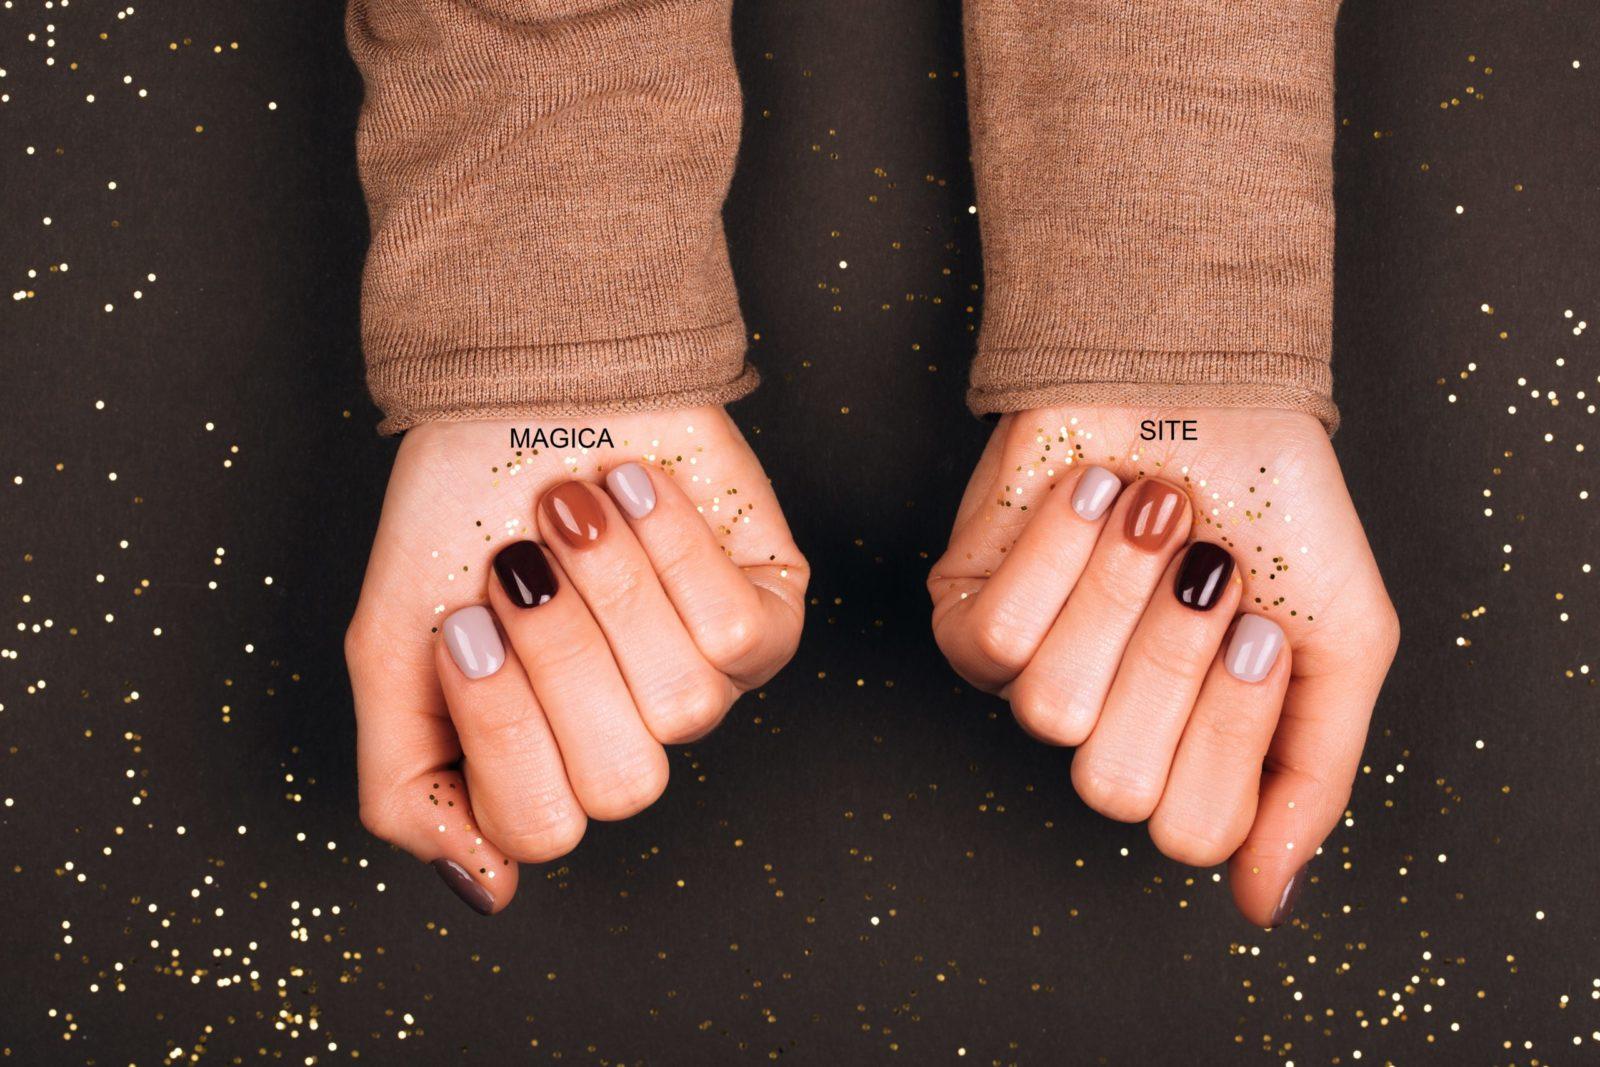 осенний маникюр, маникюр 2020, комбинированный маникюр, бежевый свитер, бежевые ногти, дизайн ногтей